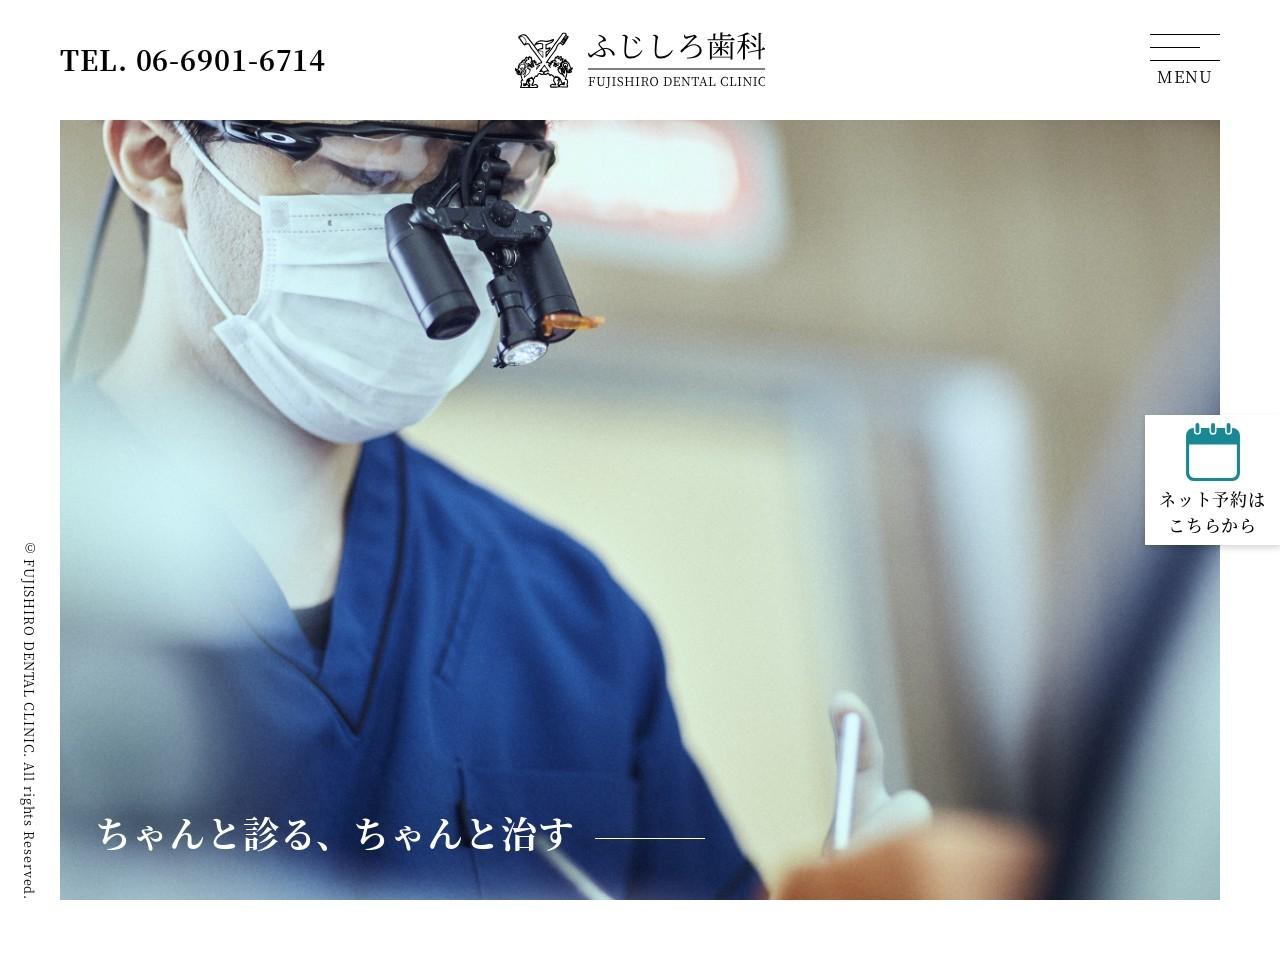 医療法人  ふじしろ歯科 (大阪府守口市)